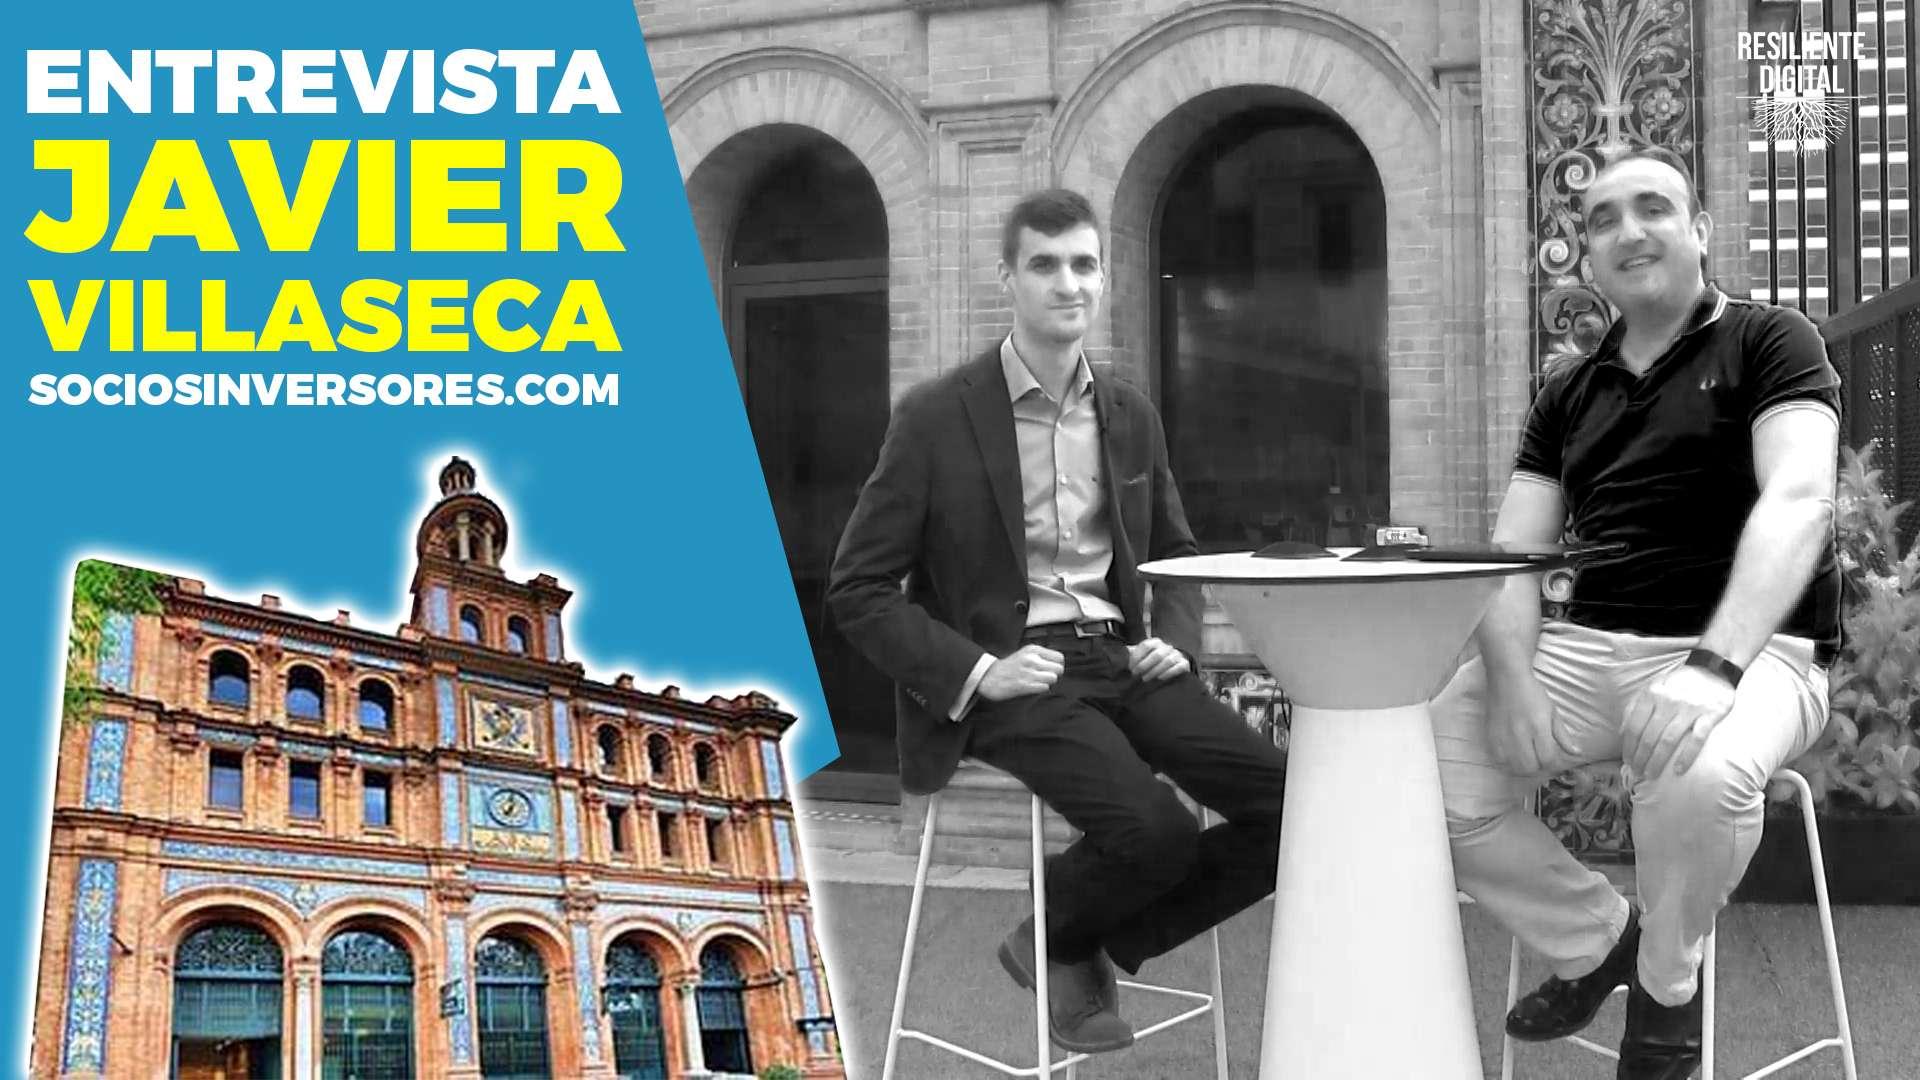 Entrevista a Javier Villaseca de SociosInversores.com